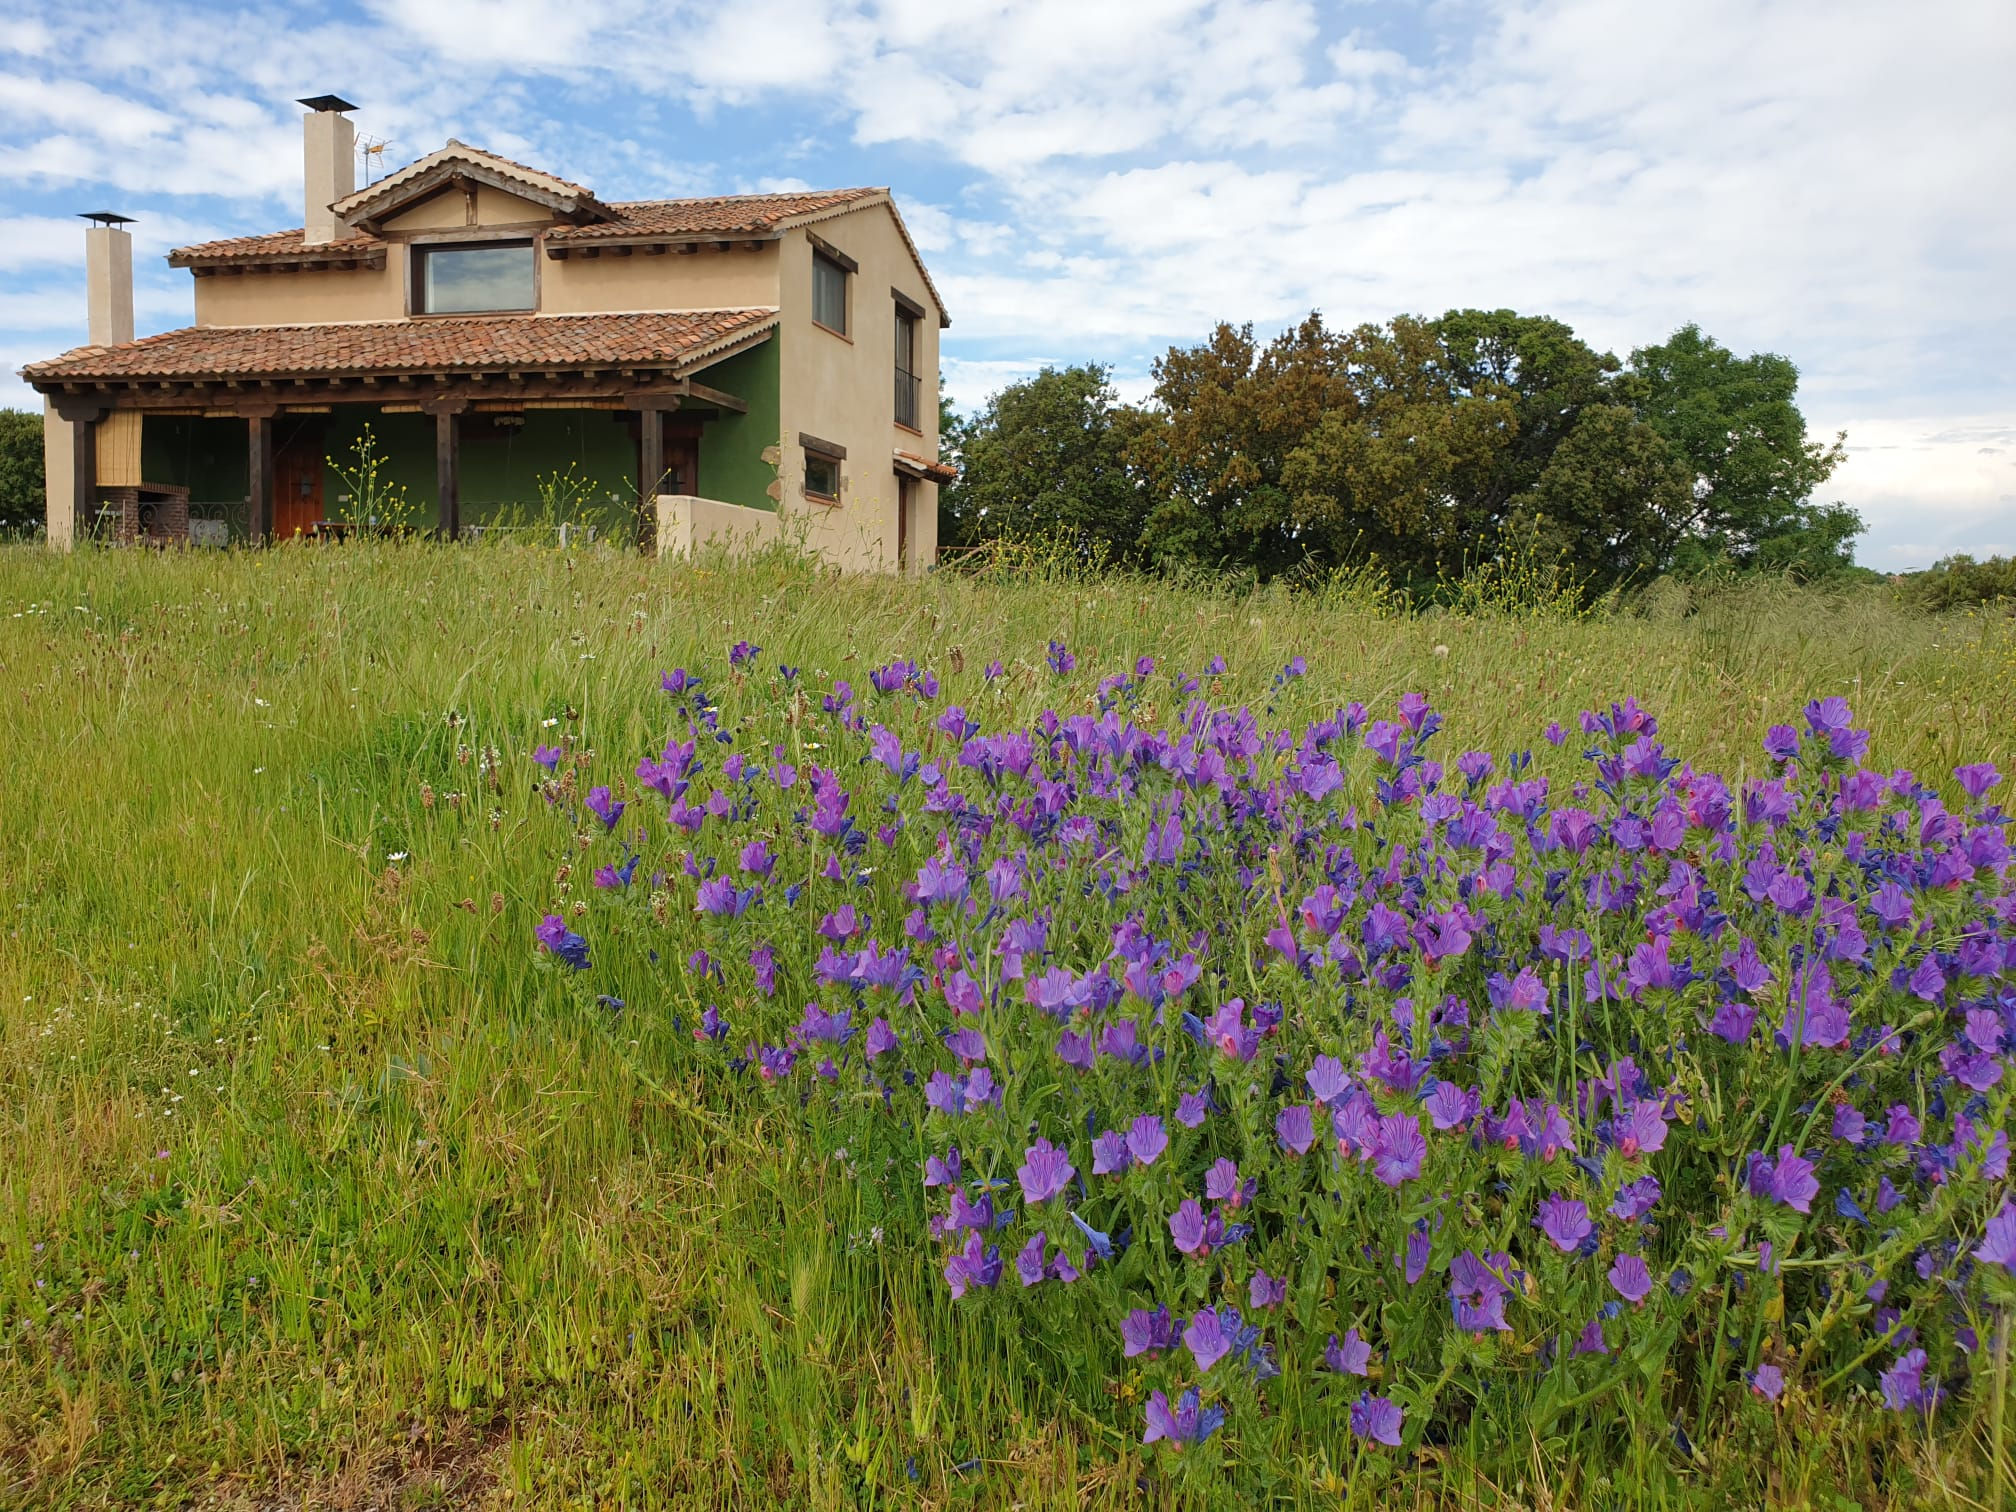 Casa y flores